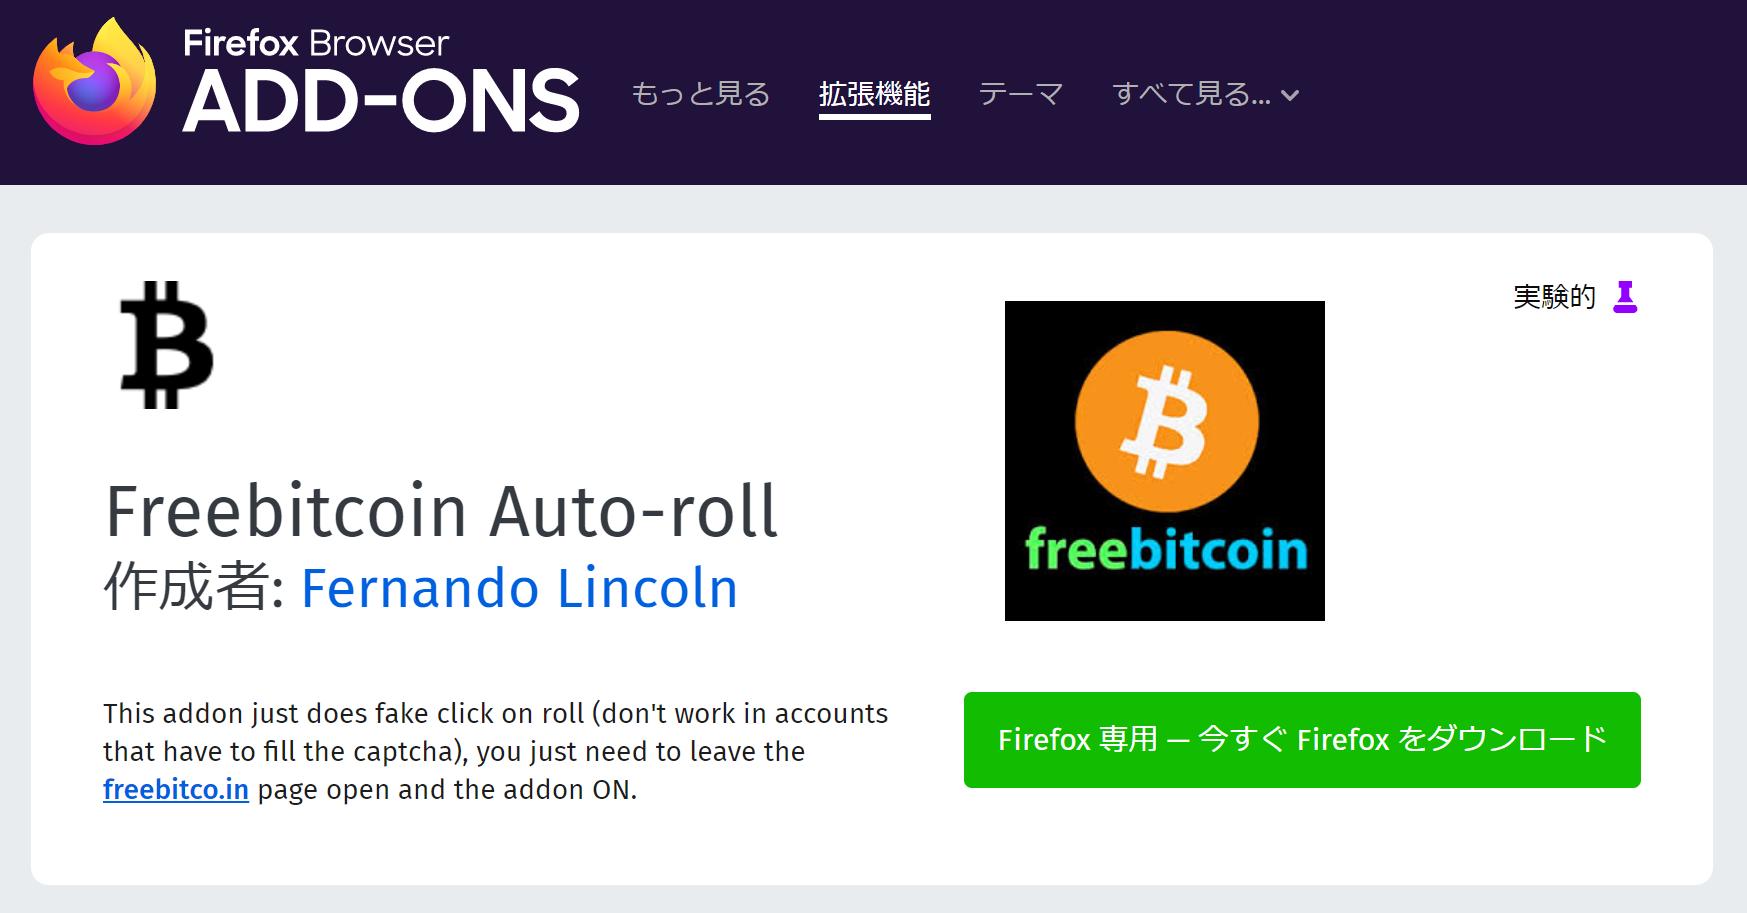 「freebitcoin」完全自動でビットコインを入手する方法